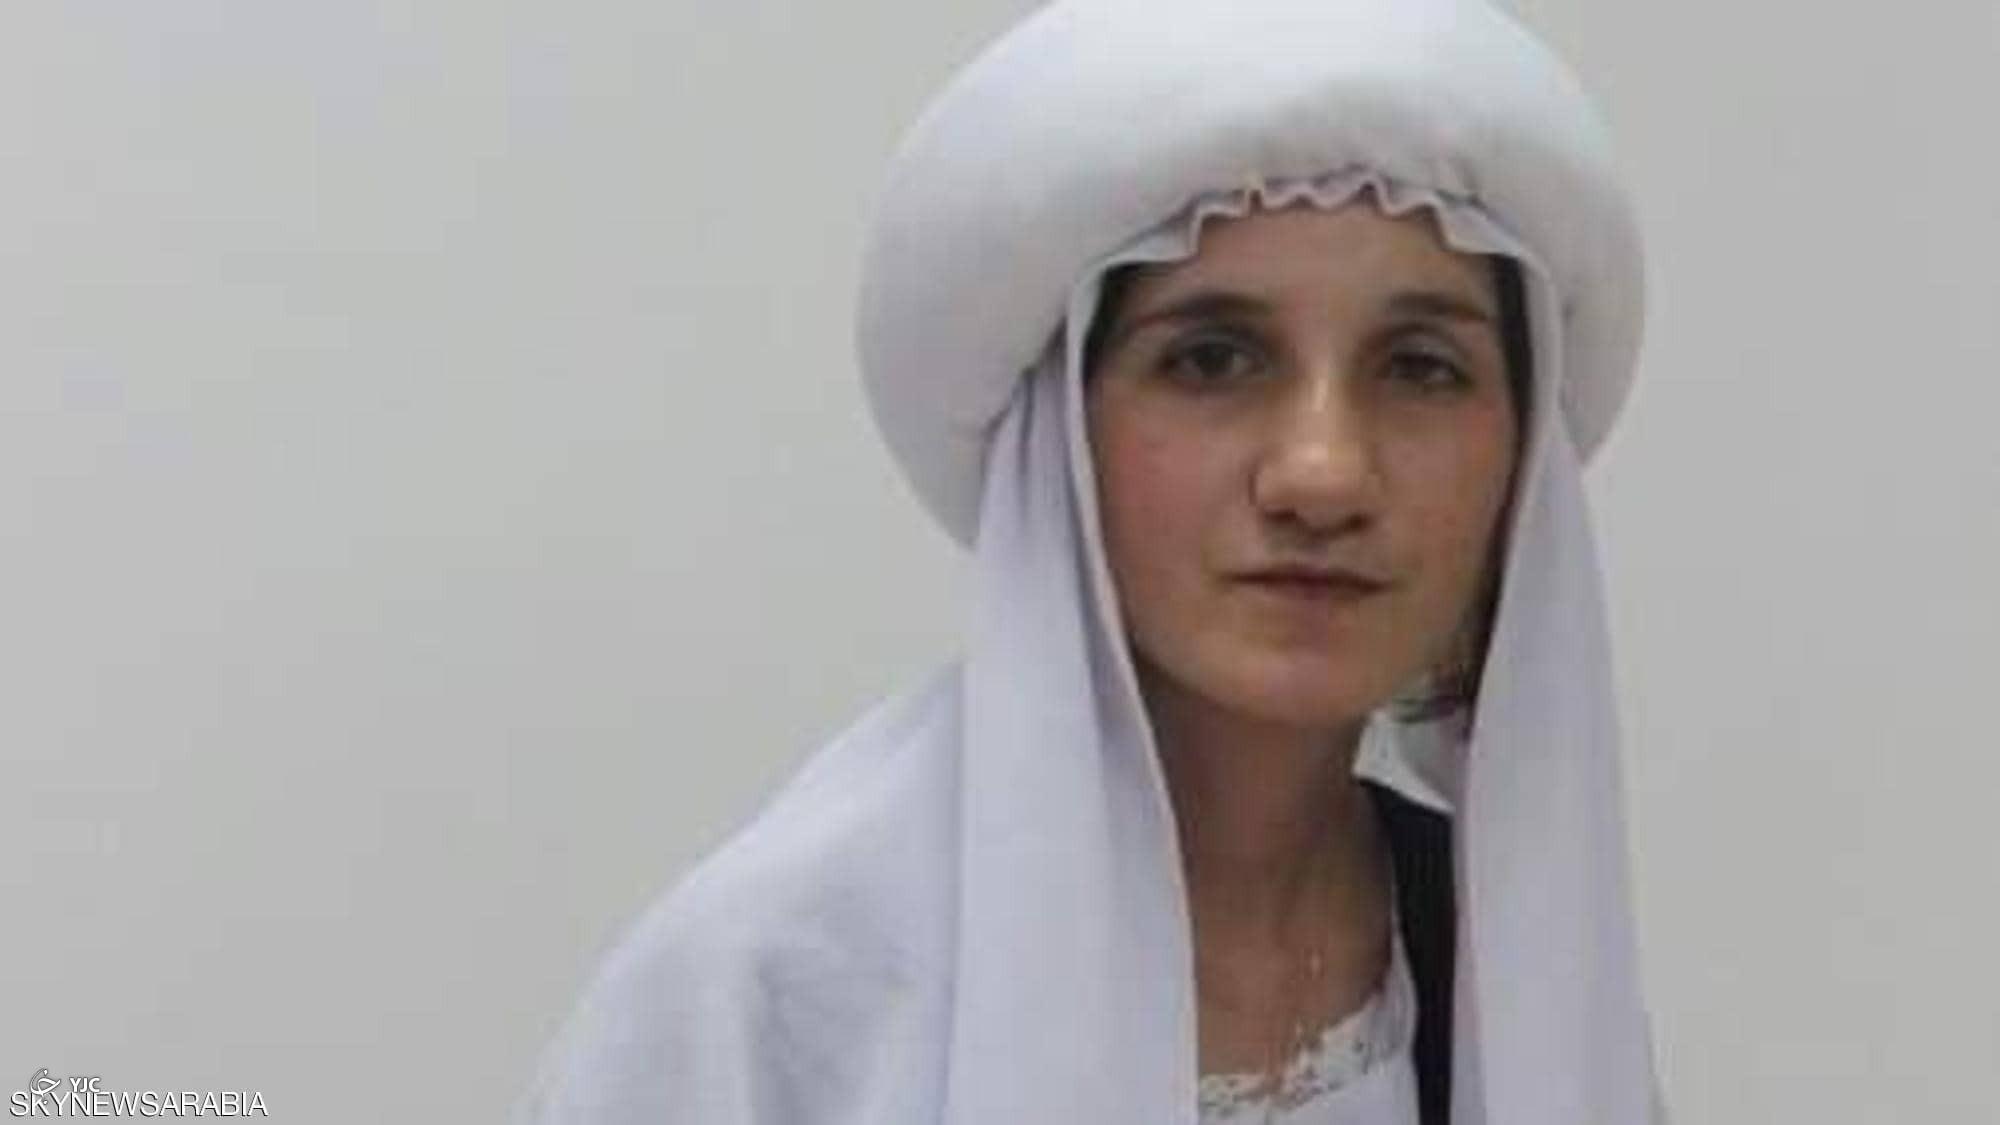 روایت زن ایزدی در بازار برده فروشان+ تصاویر